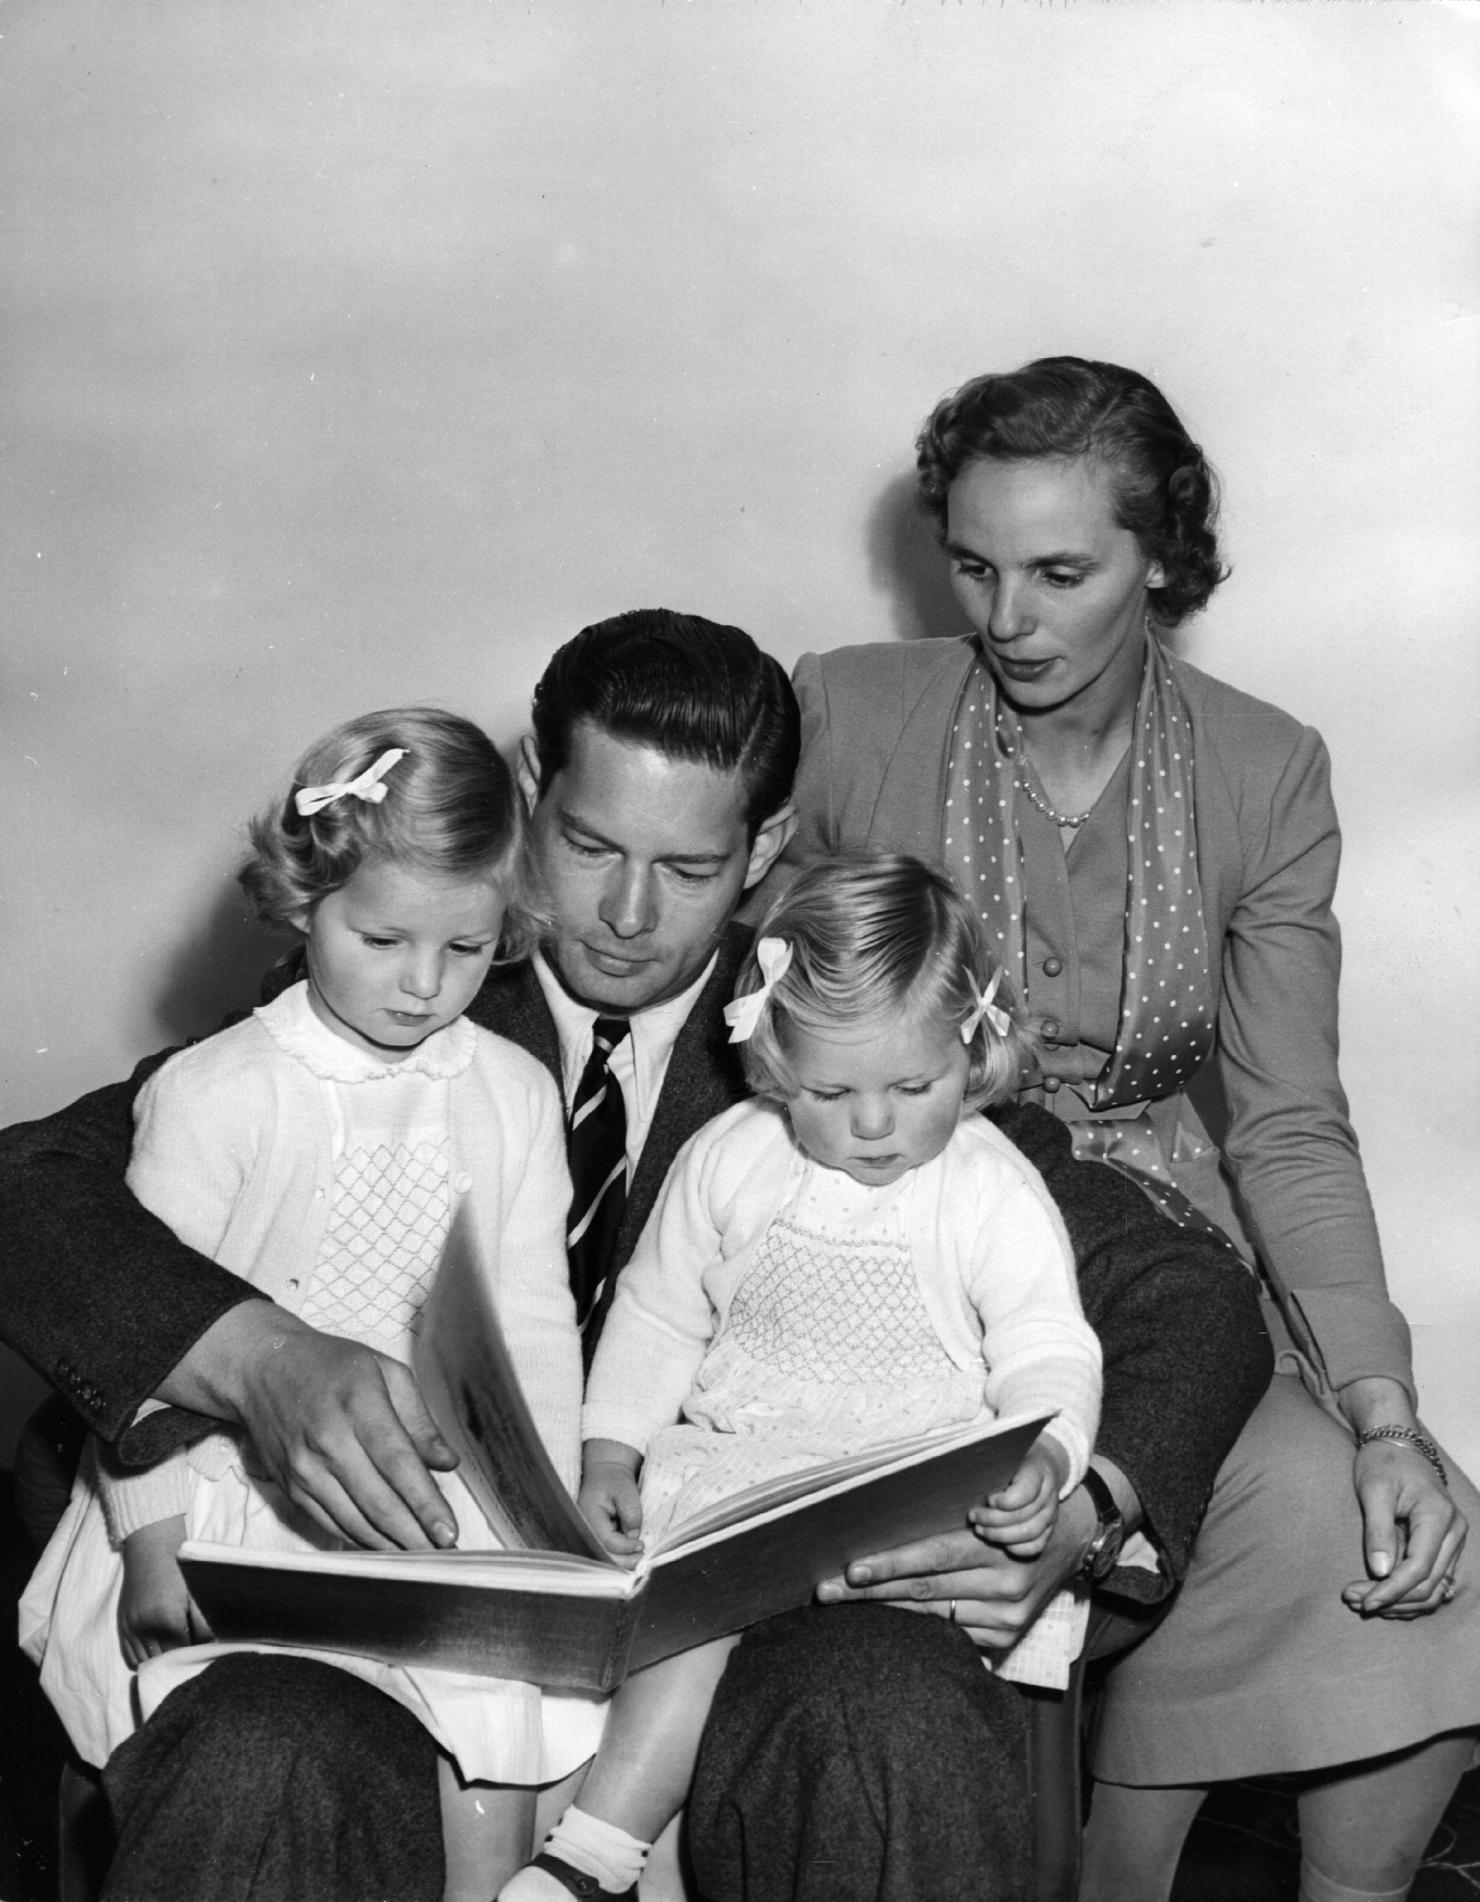 Regele Mihai in 1952